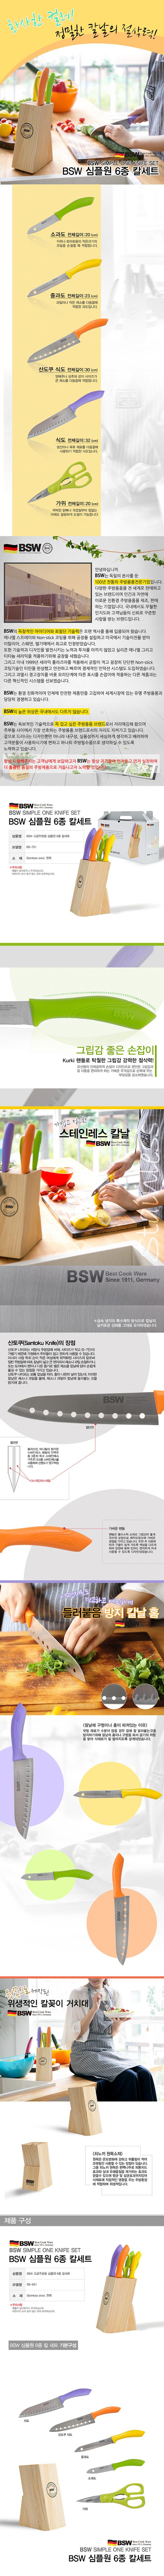 7_bsw_simpleone_detail.jpg